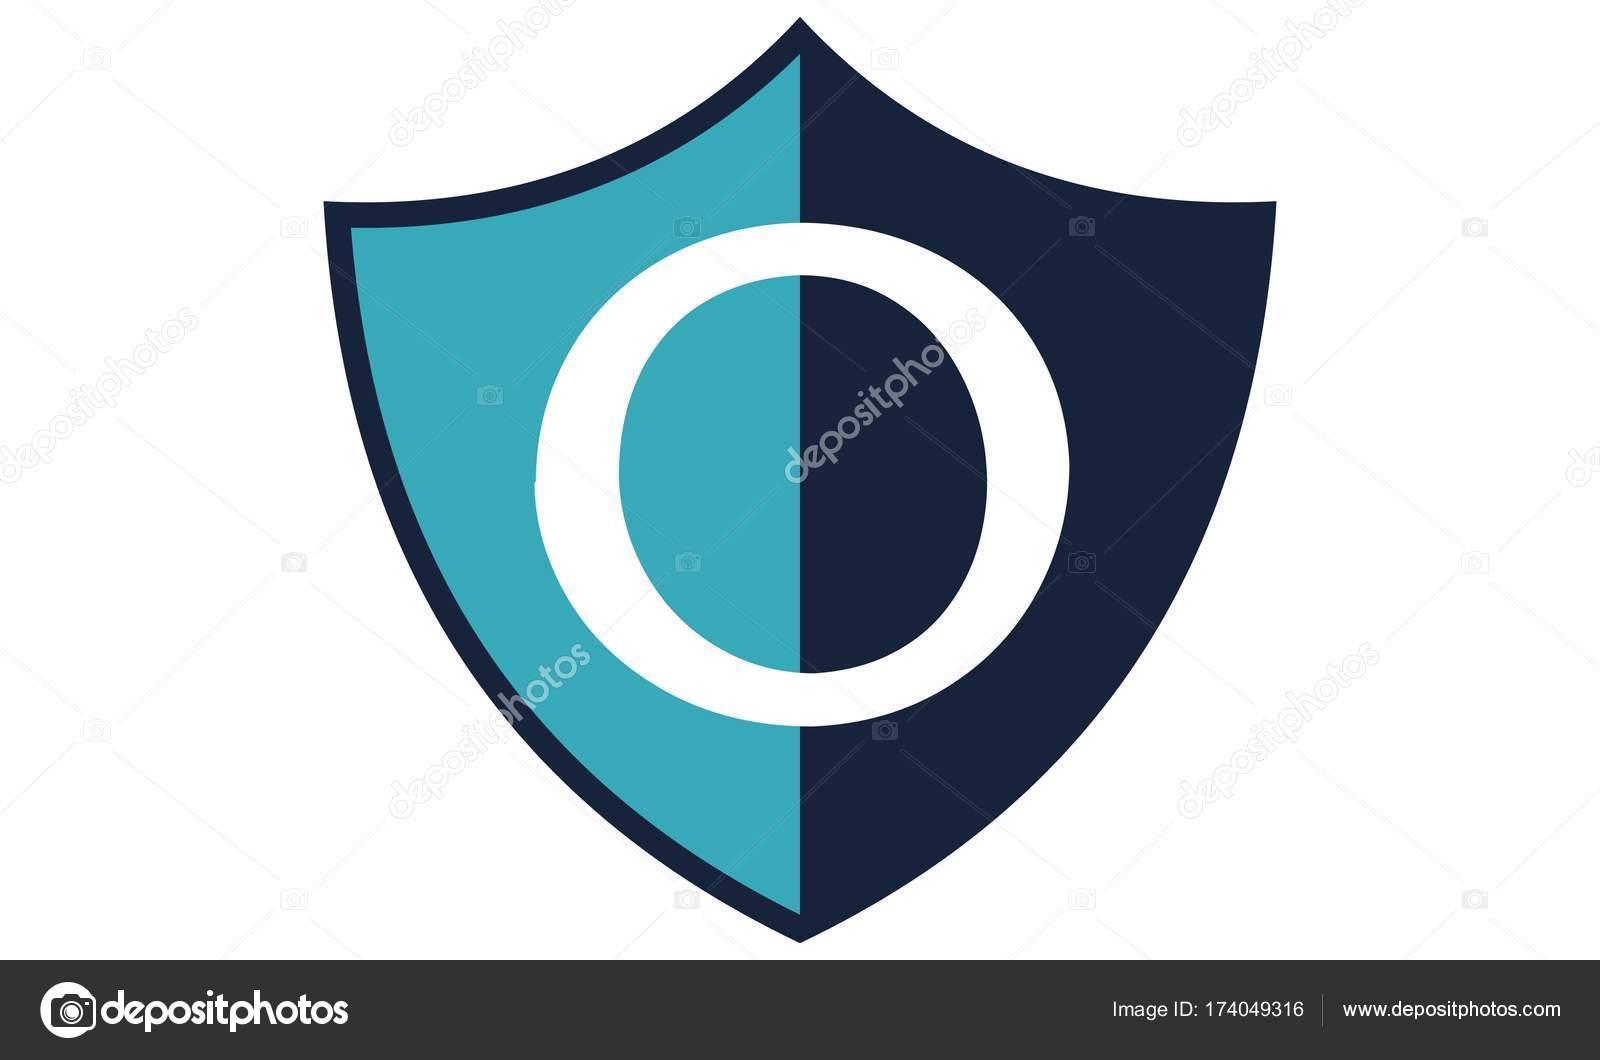 Modern shield letter o stock vector alluranet 174049316 modern shield letter o stock vector biocorpaavc